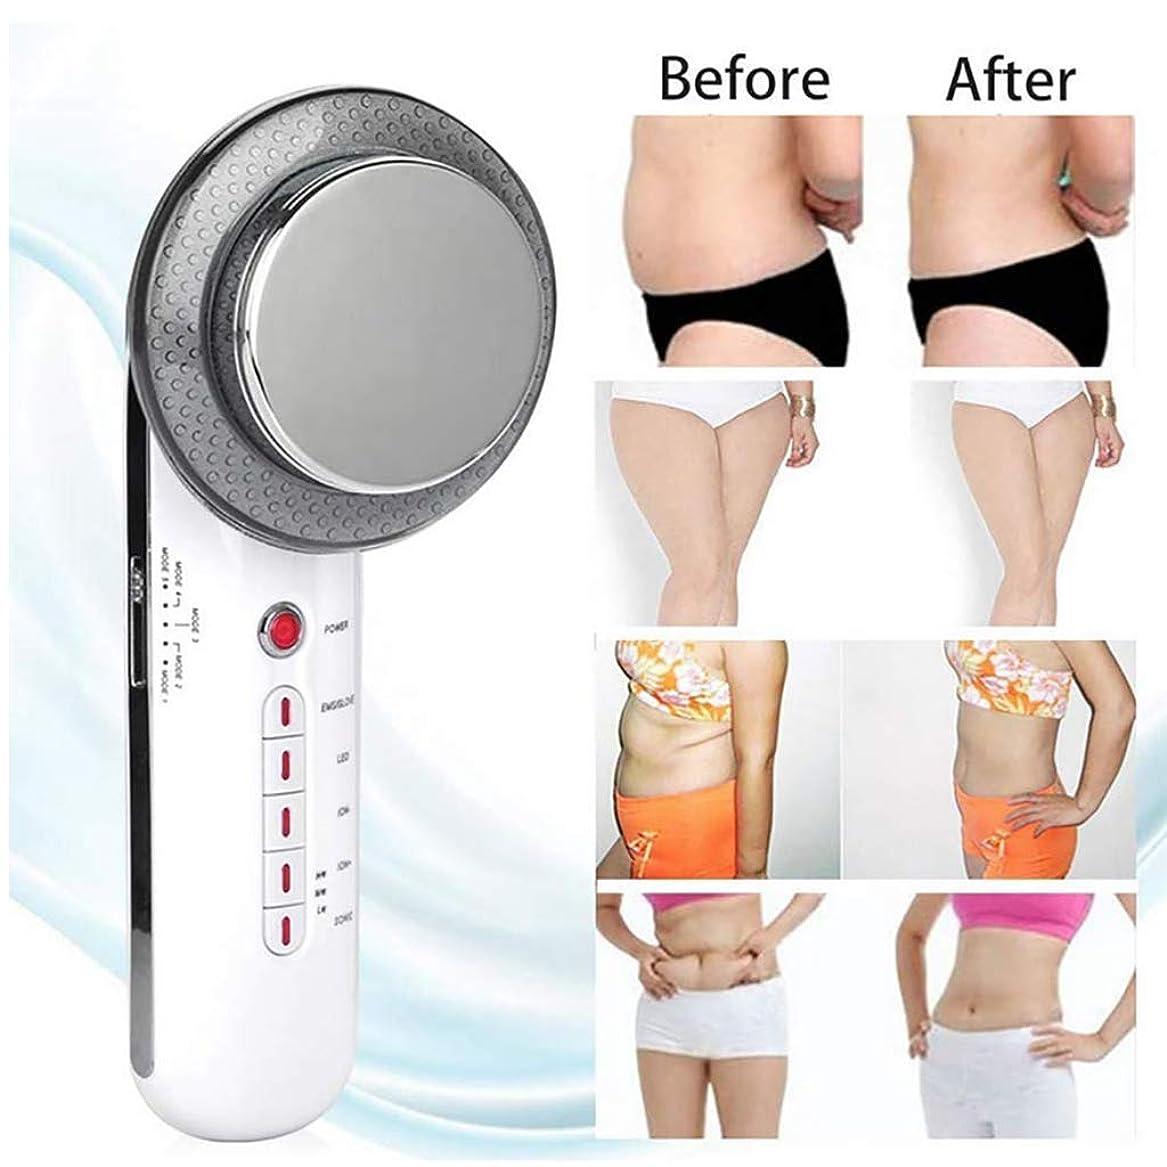 素晴らしさ慣れる動詞ボディスリミングマッサージ器、6-in-1ブルーレッドライトEMSチリオメーターフェイシャルビューティーボディシェイプマッサージ セルライト除去脂肪軽減、肌引き締め